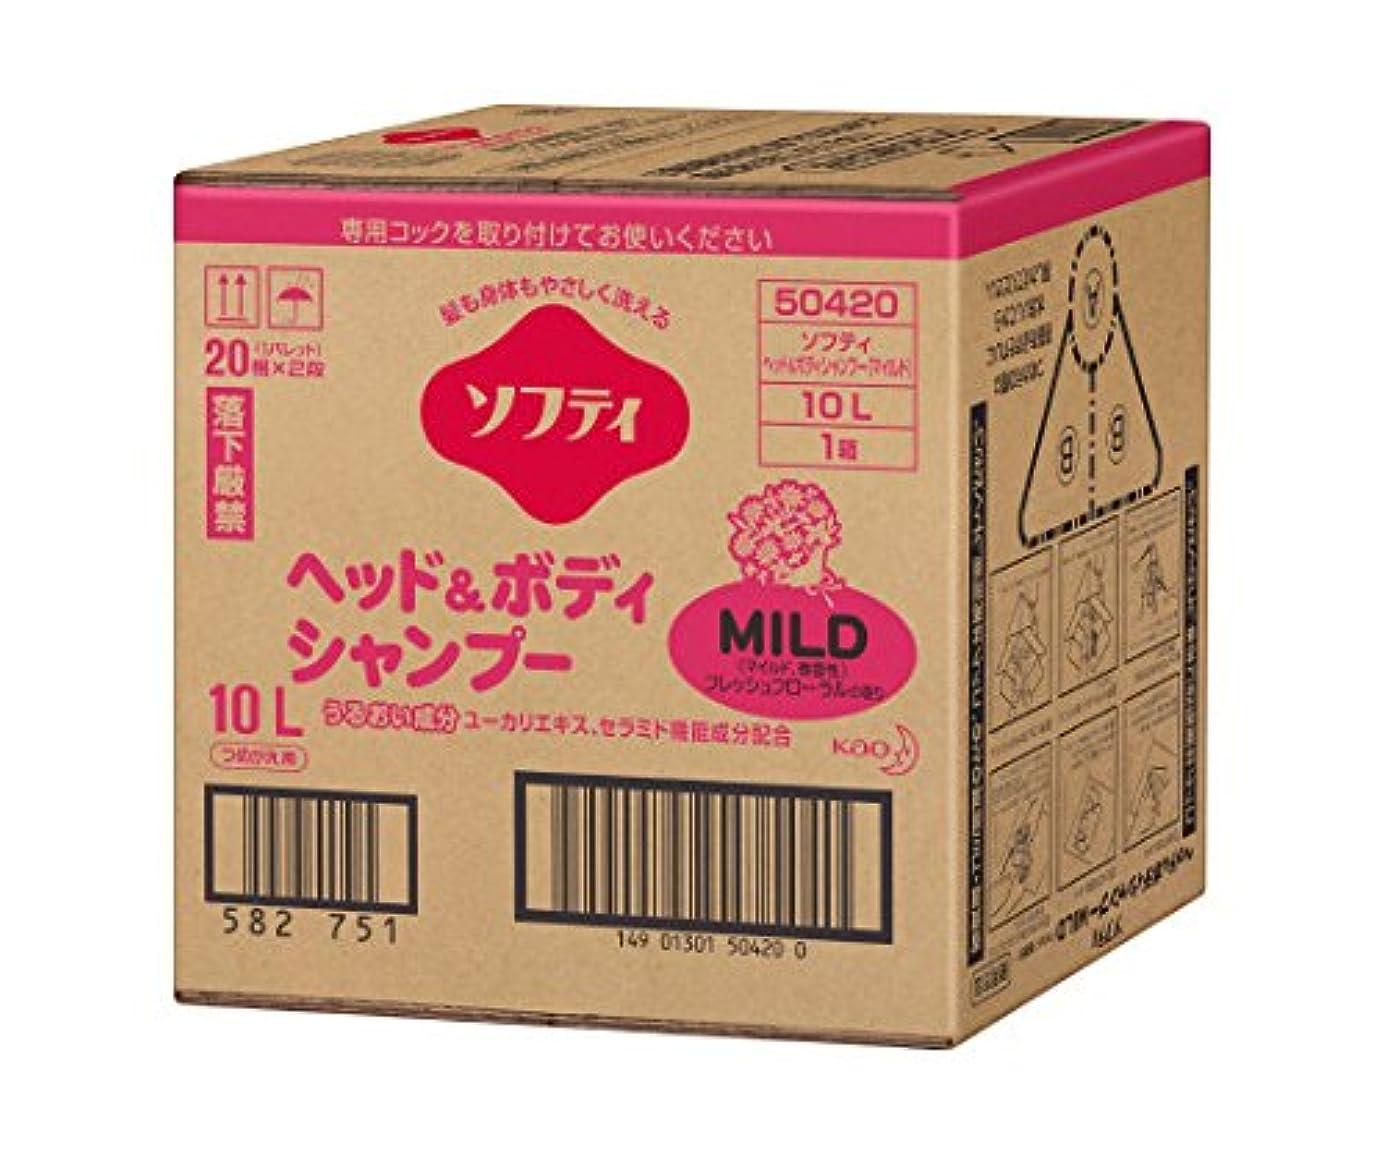 緊張あえぎ水素花王61-8509-99ソフティヘッド&ボディシャンプーMILD(マイルド)10Lバッグインボックスタイプ介護用